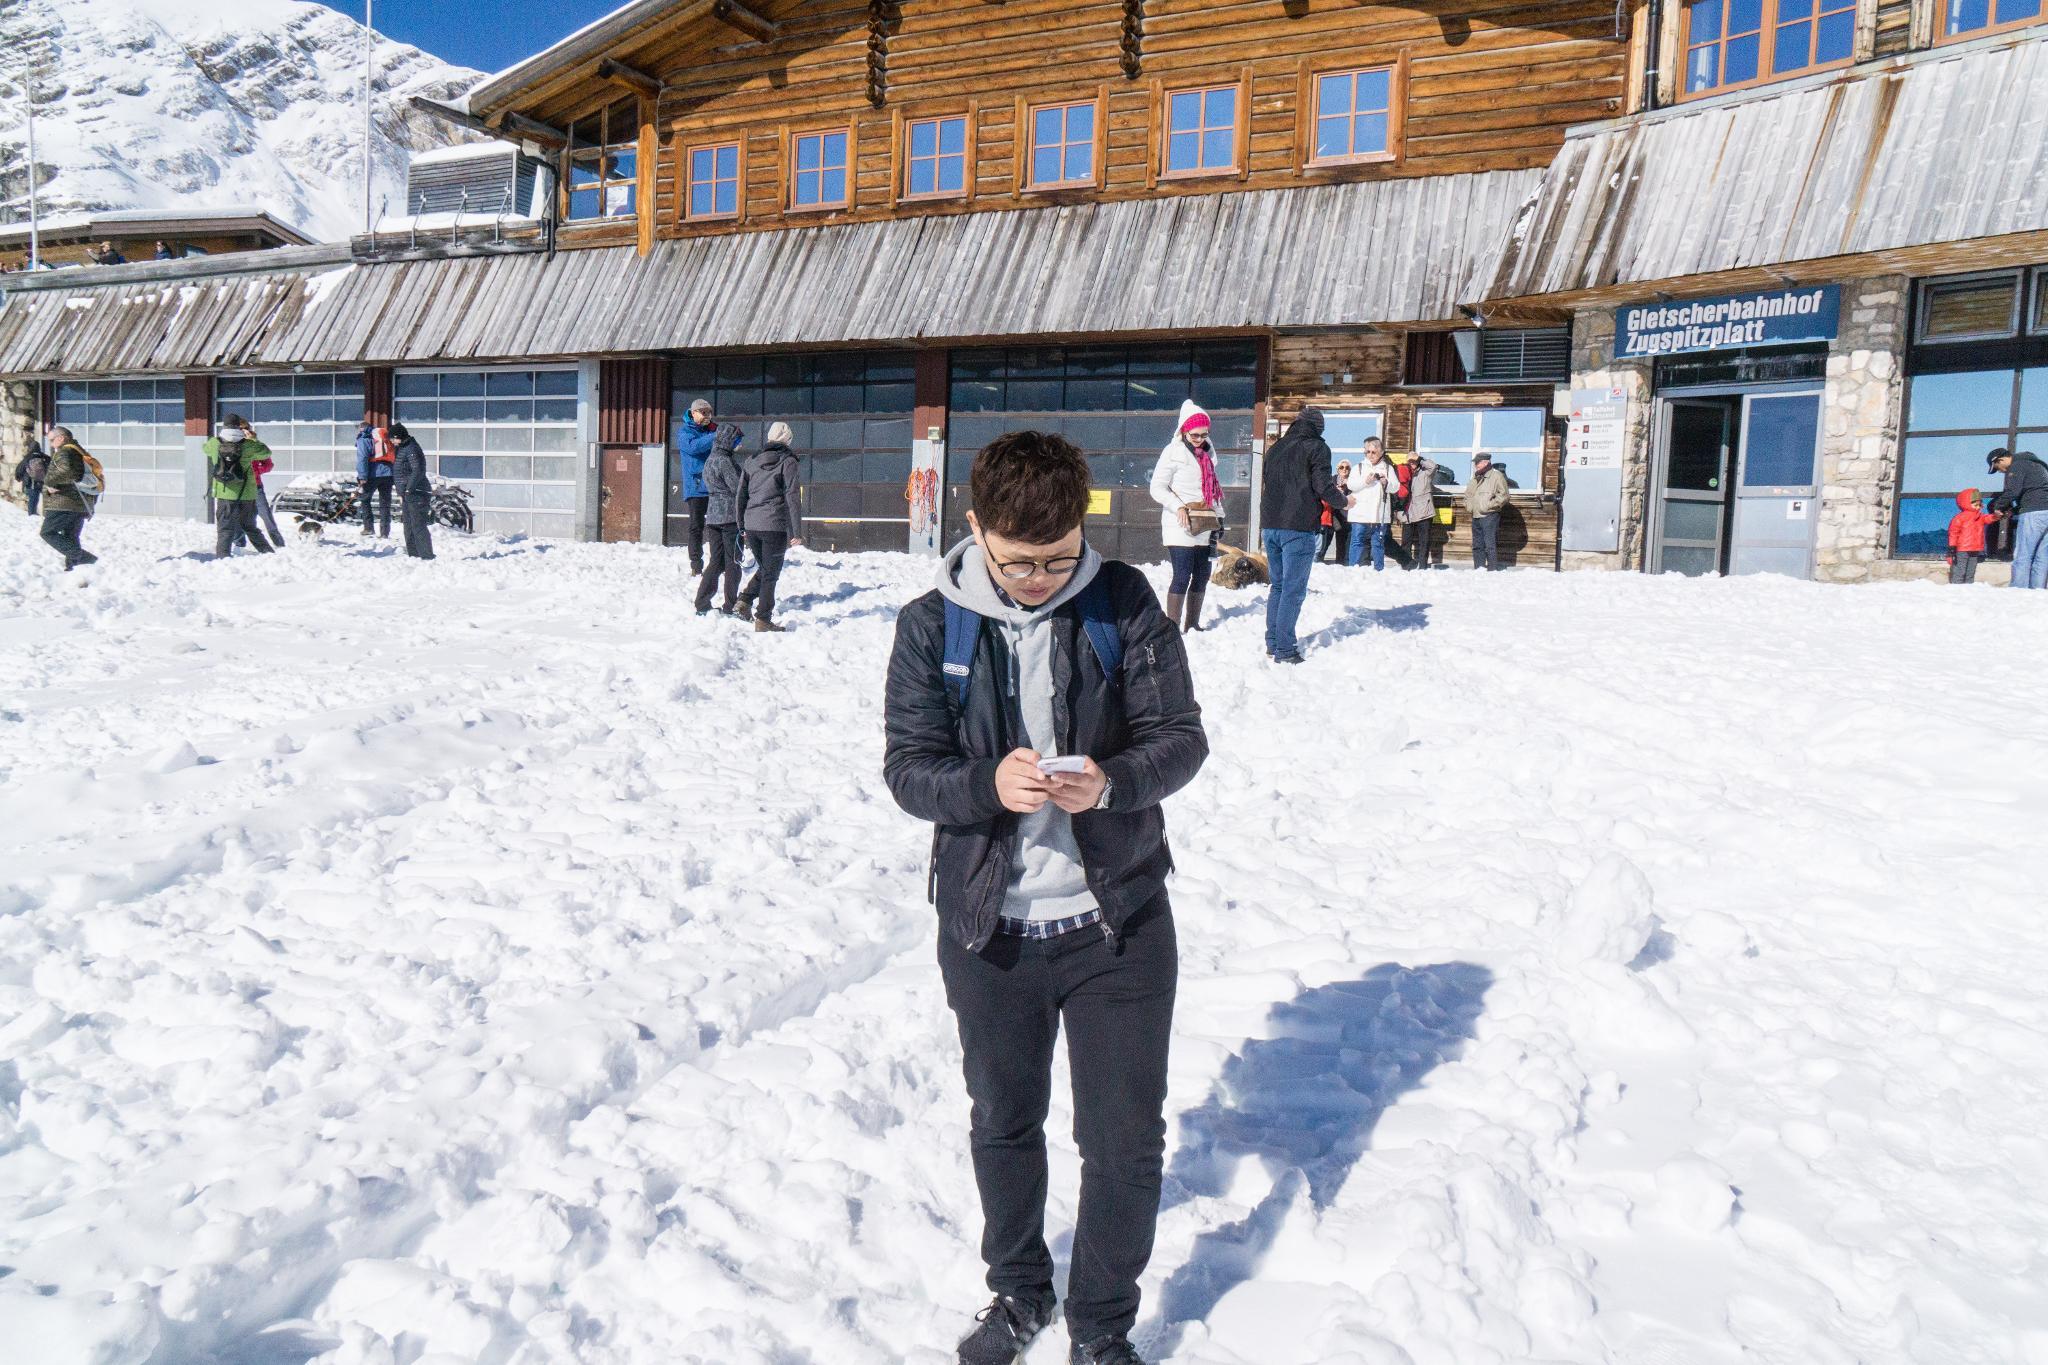 【德國】阿爾卑斯大道:楚格峰 (Zugspitze) 登上德國之巔 20